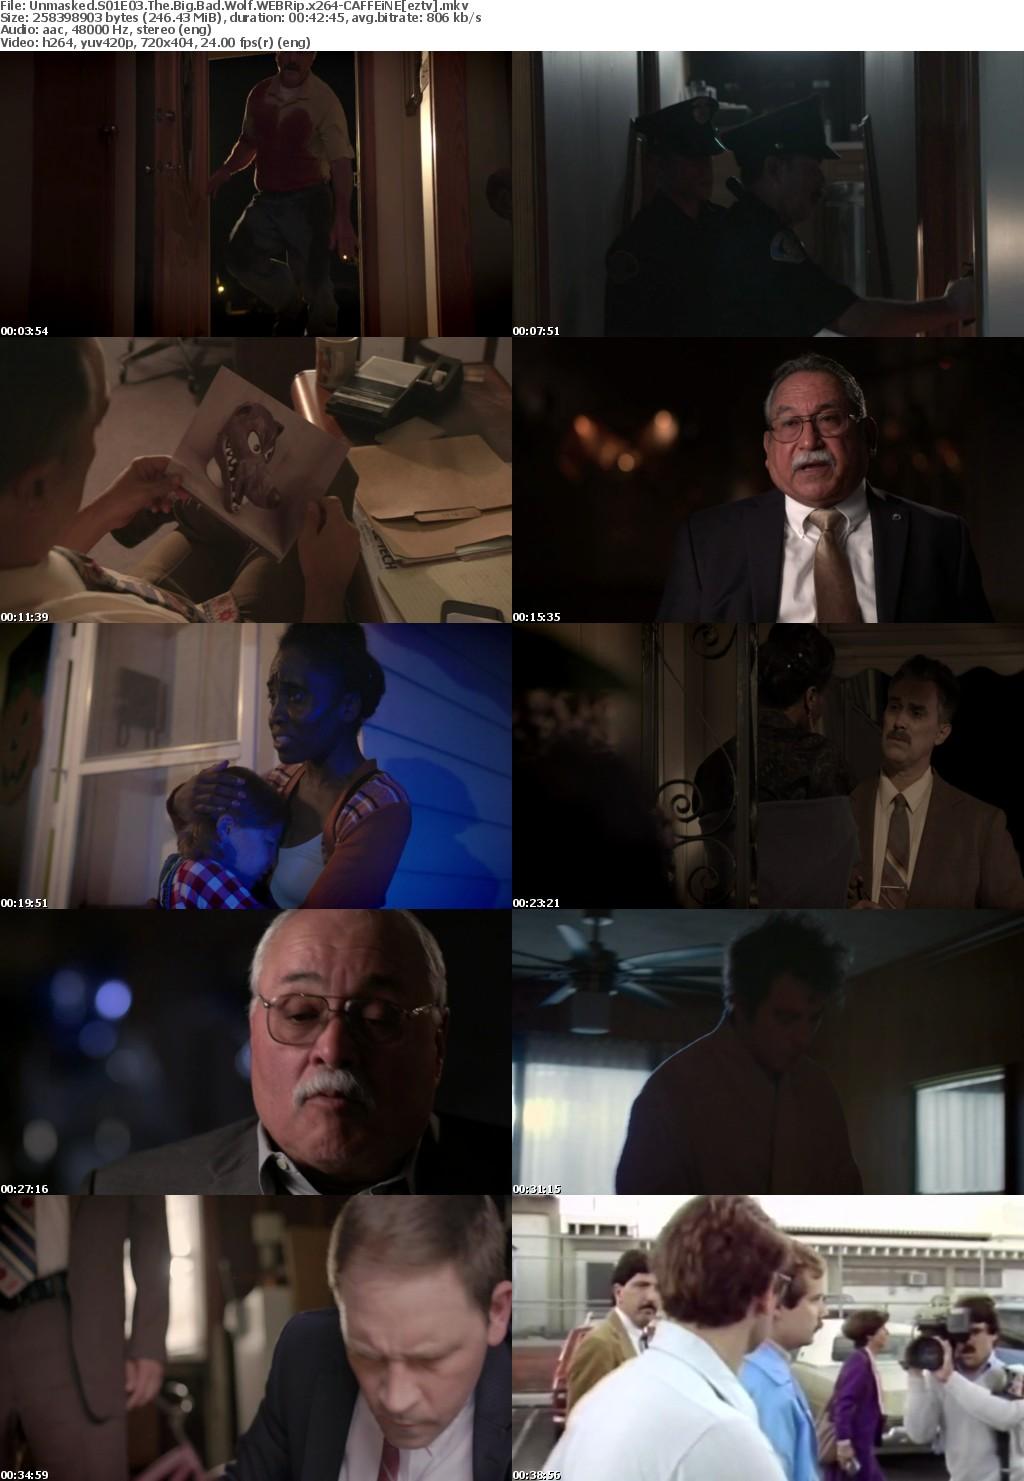 Unmasked S01E03 The Big Bad Wolf WEBRip x264-CAFFEiNE